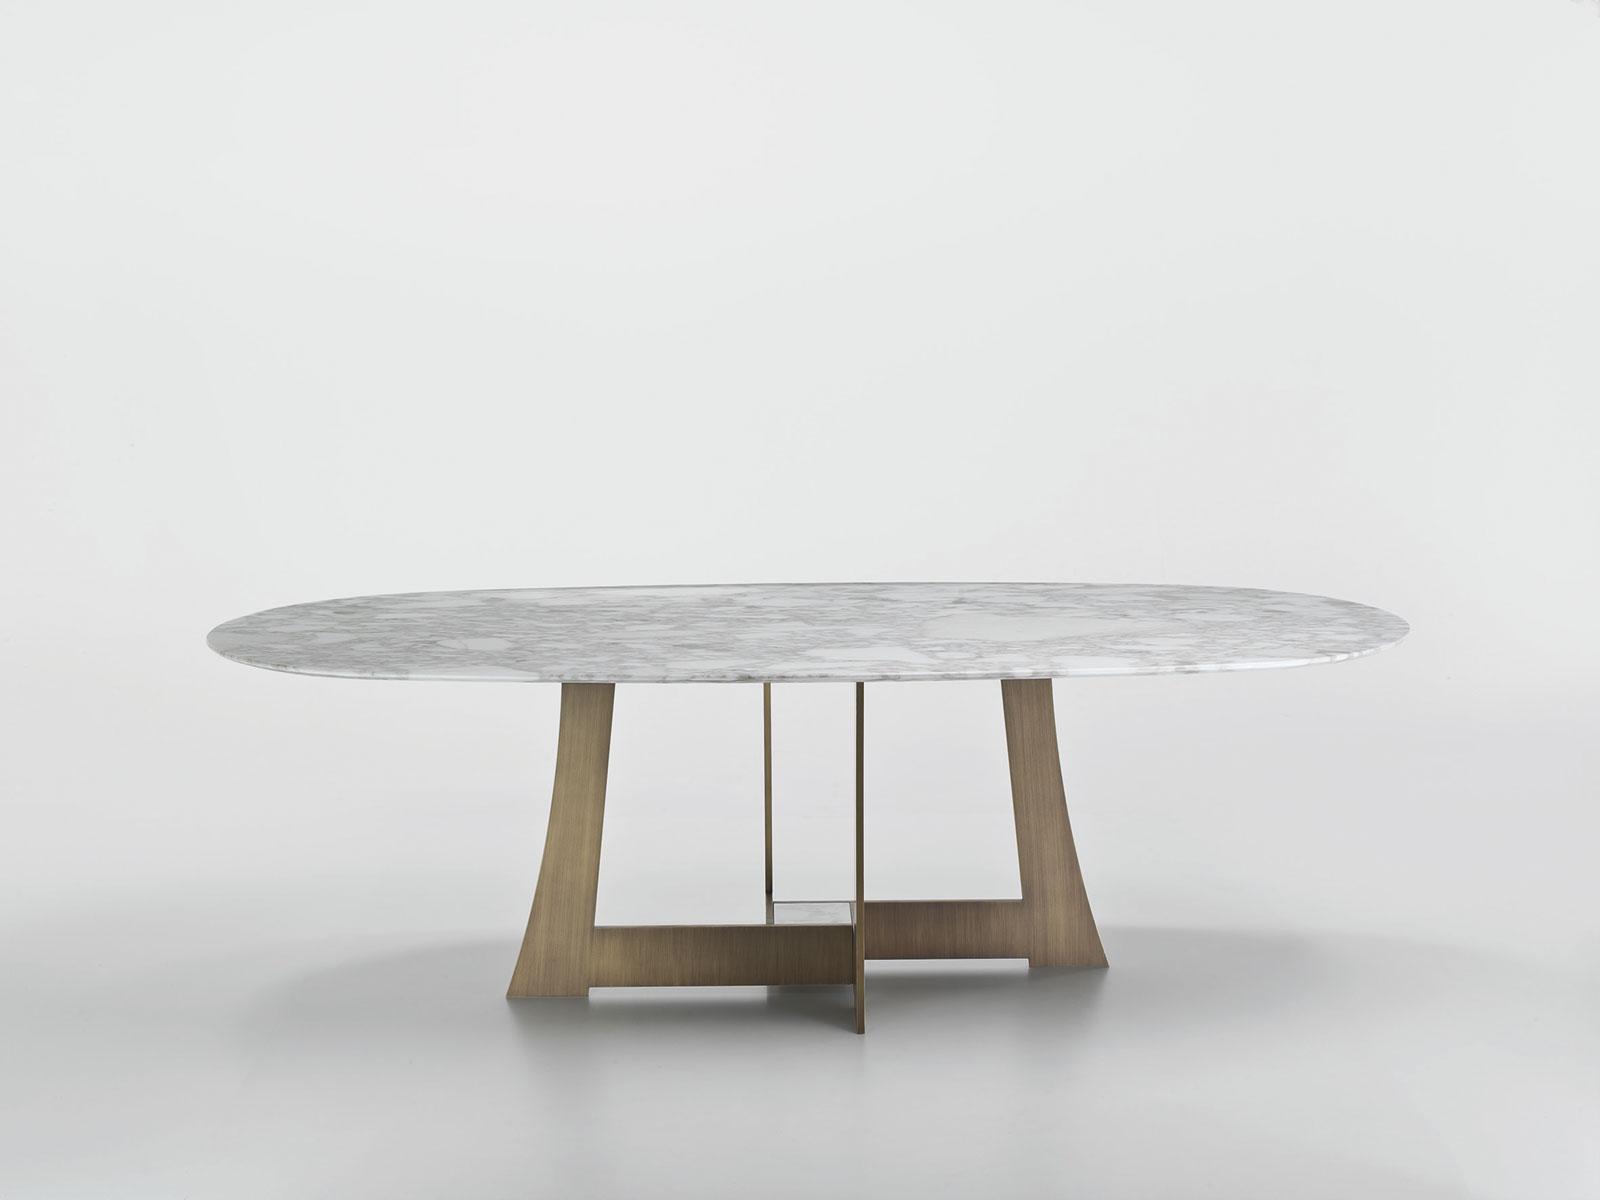 Mia tavolo da pranzo ovale